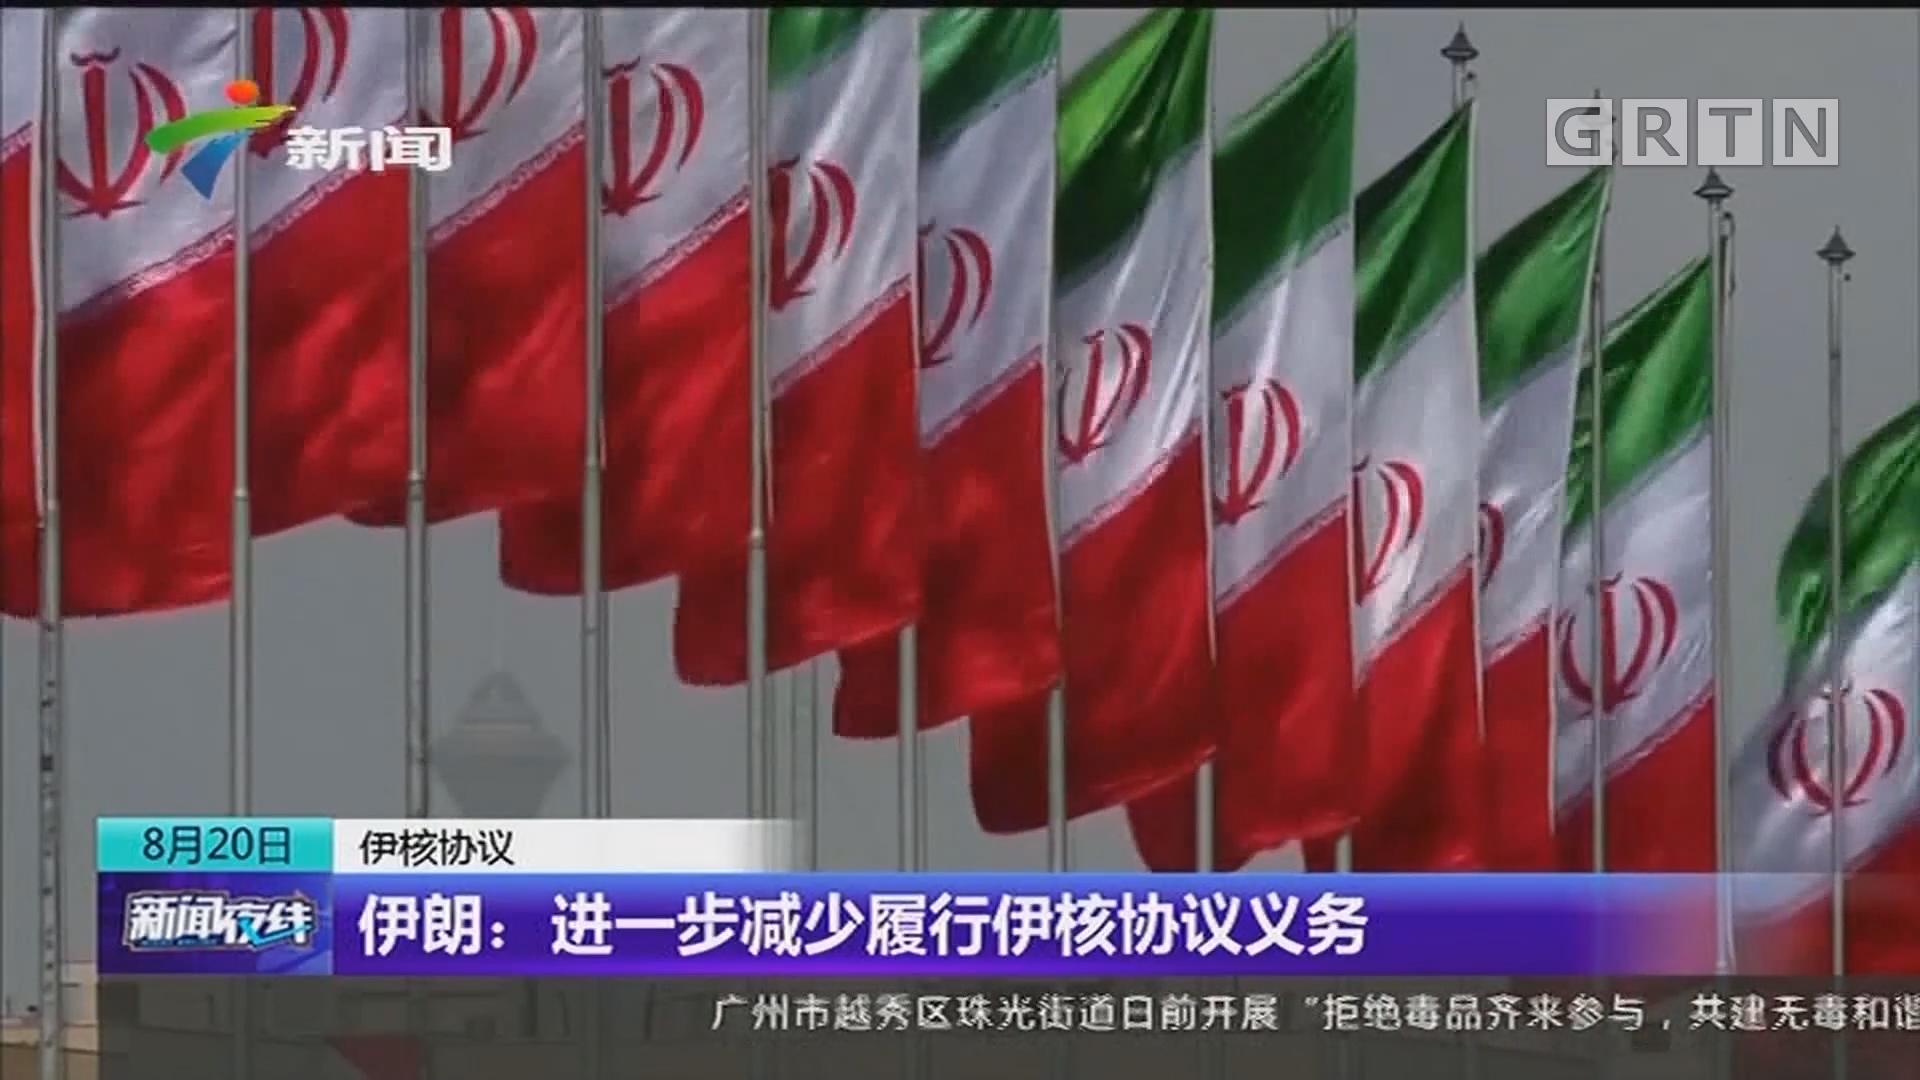 伊核协议 伊朗:进一步减少履行伊核协议义务